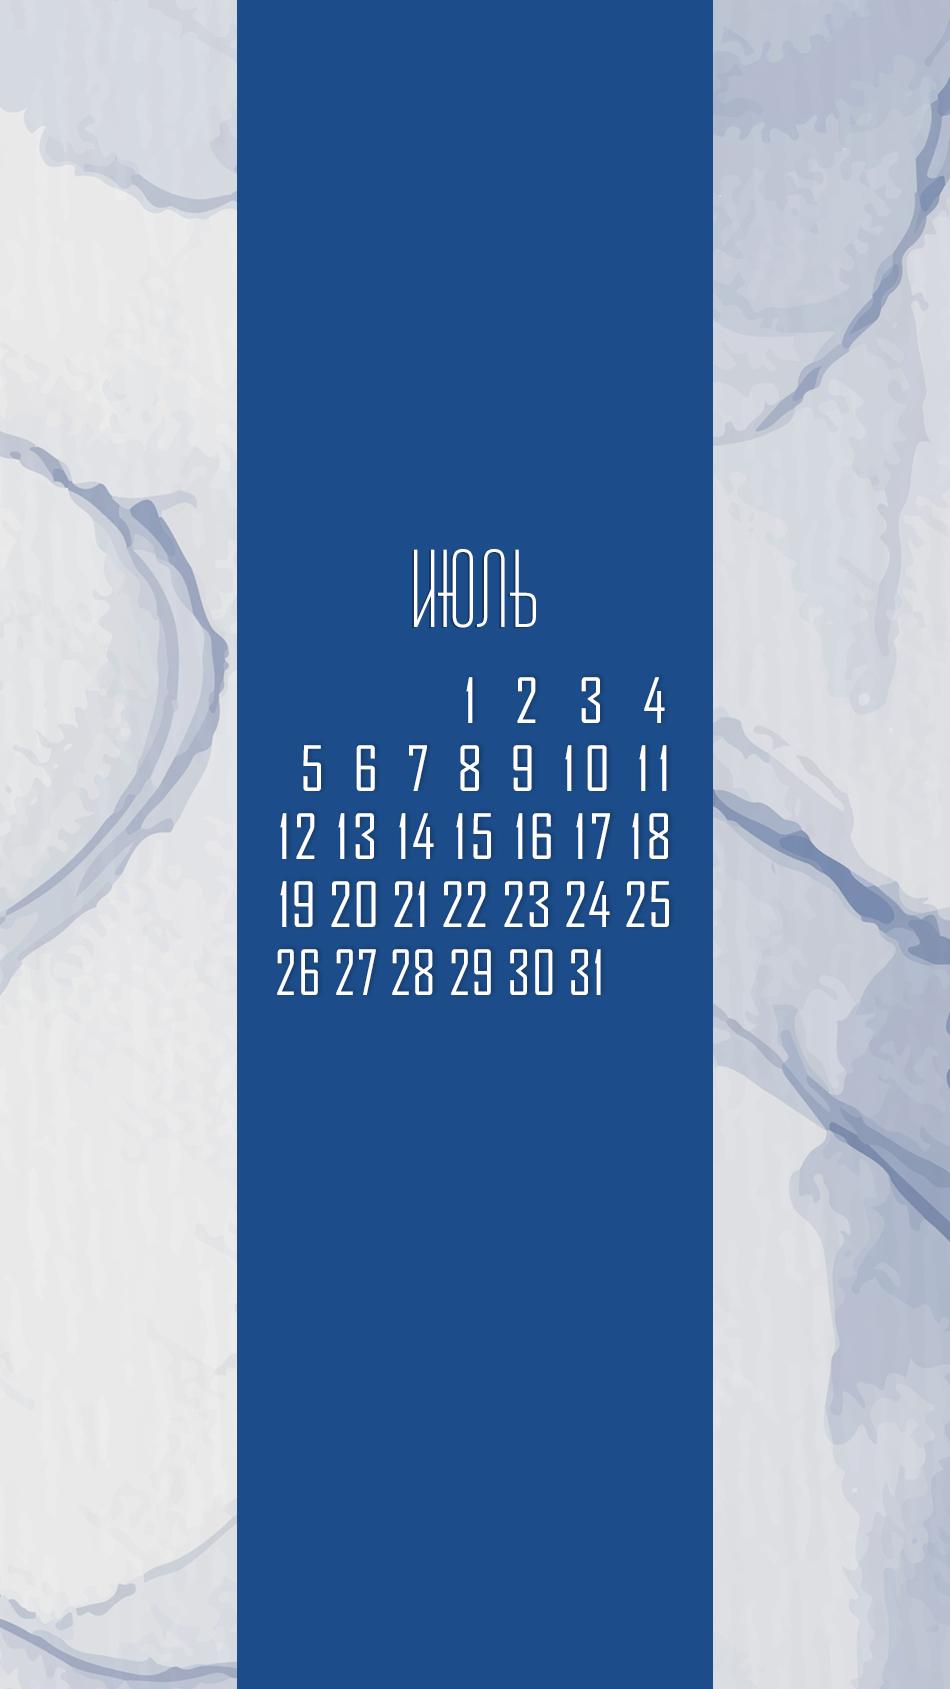 заставка на смартфон, district-f.org календарь на июль 7